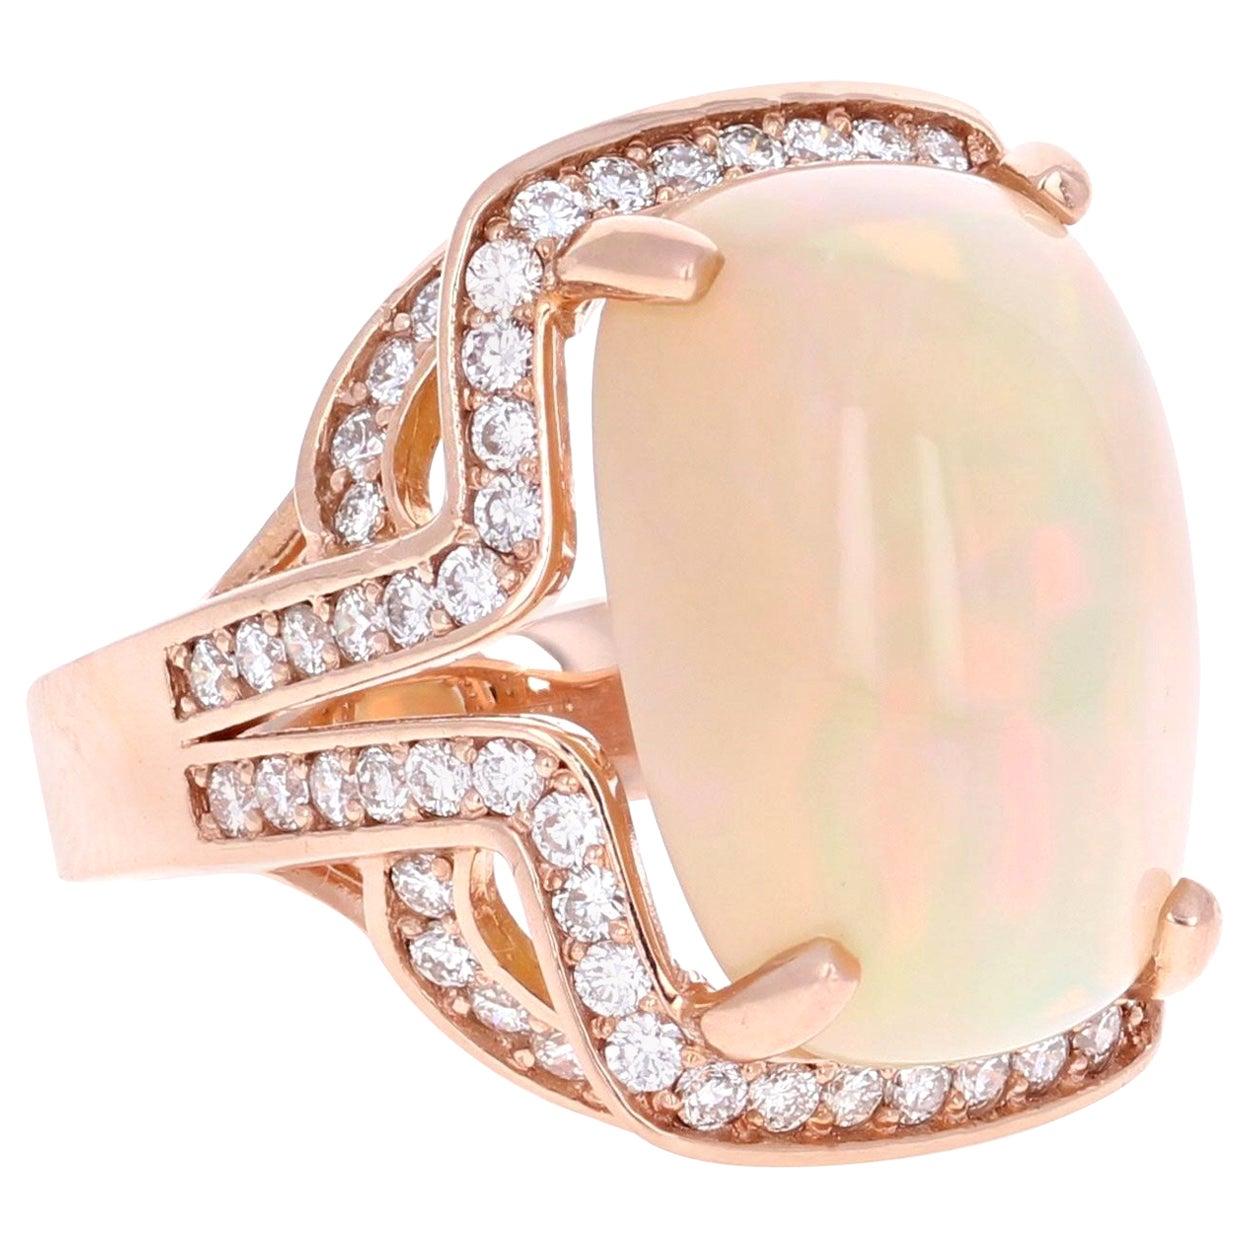 14.63 Carat Opal Diamond 14 Karat Rose Gold Statement Ring